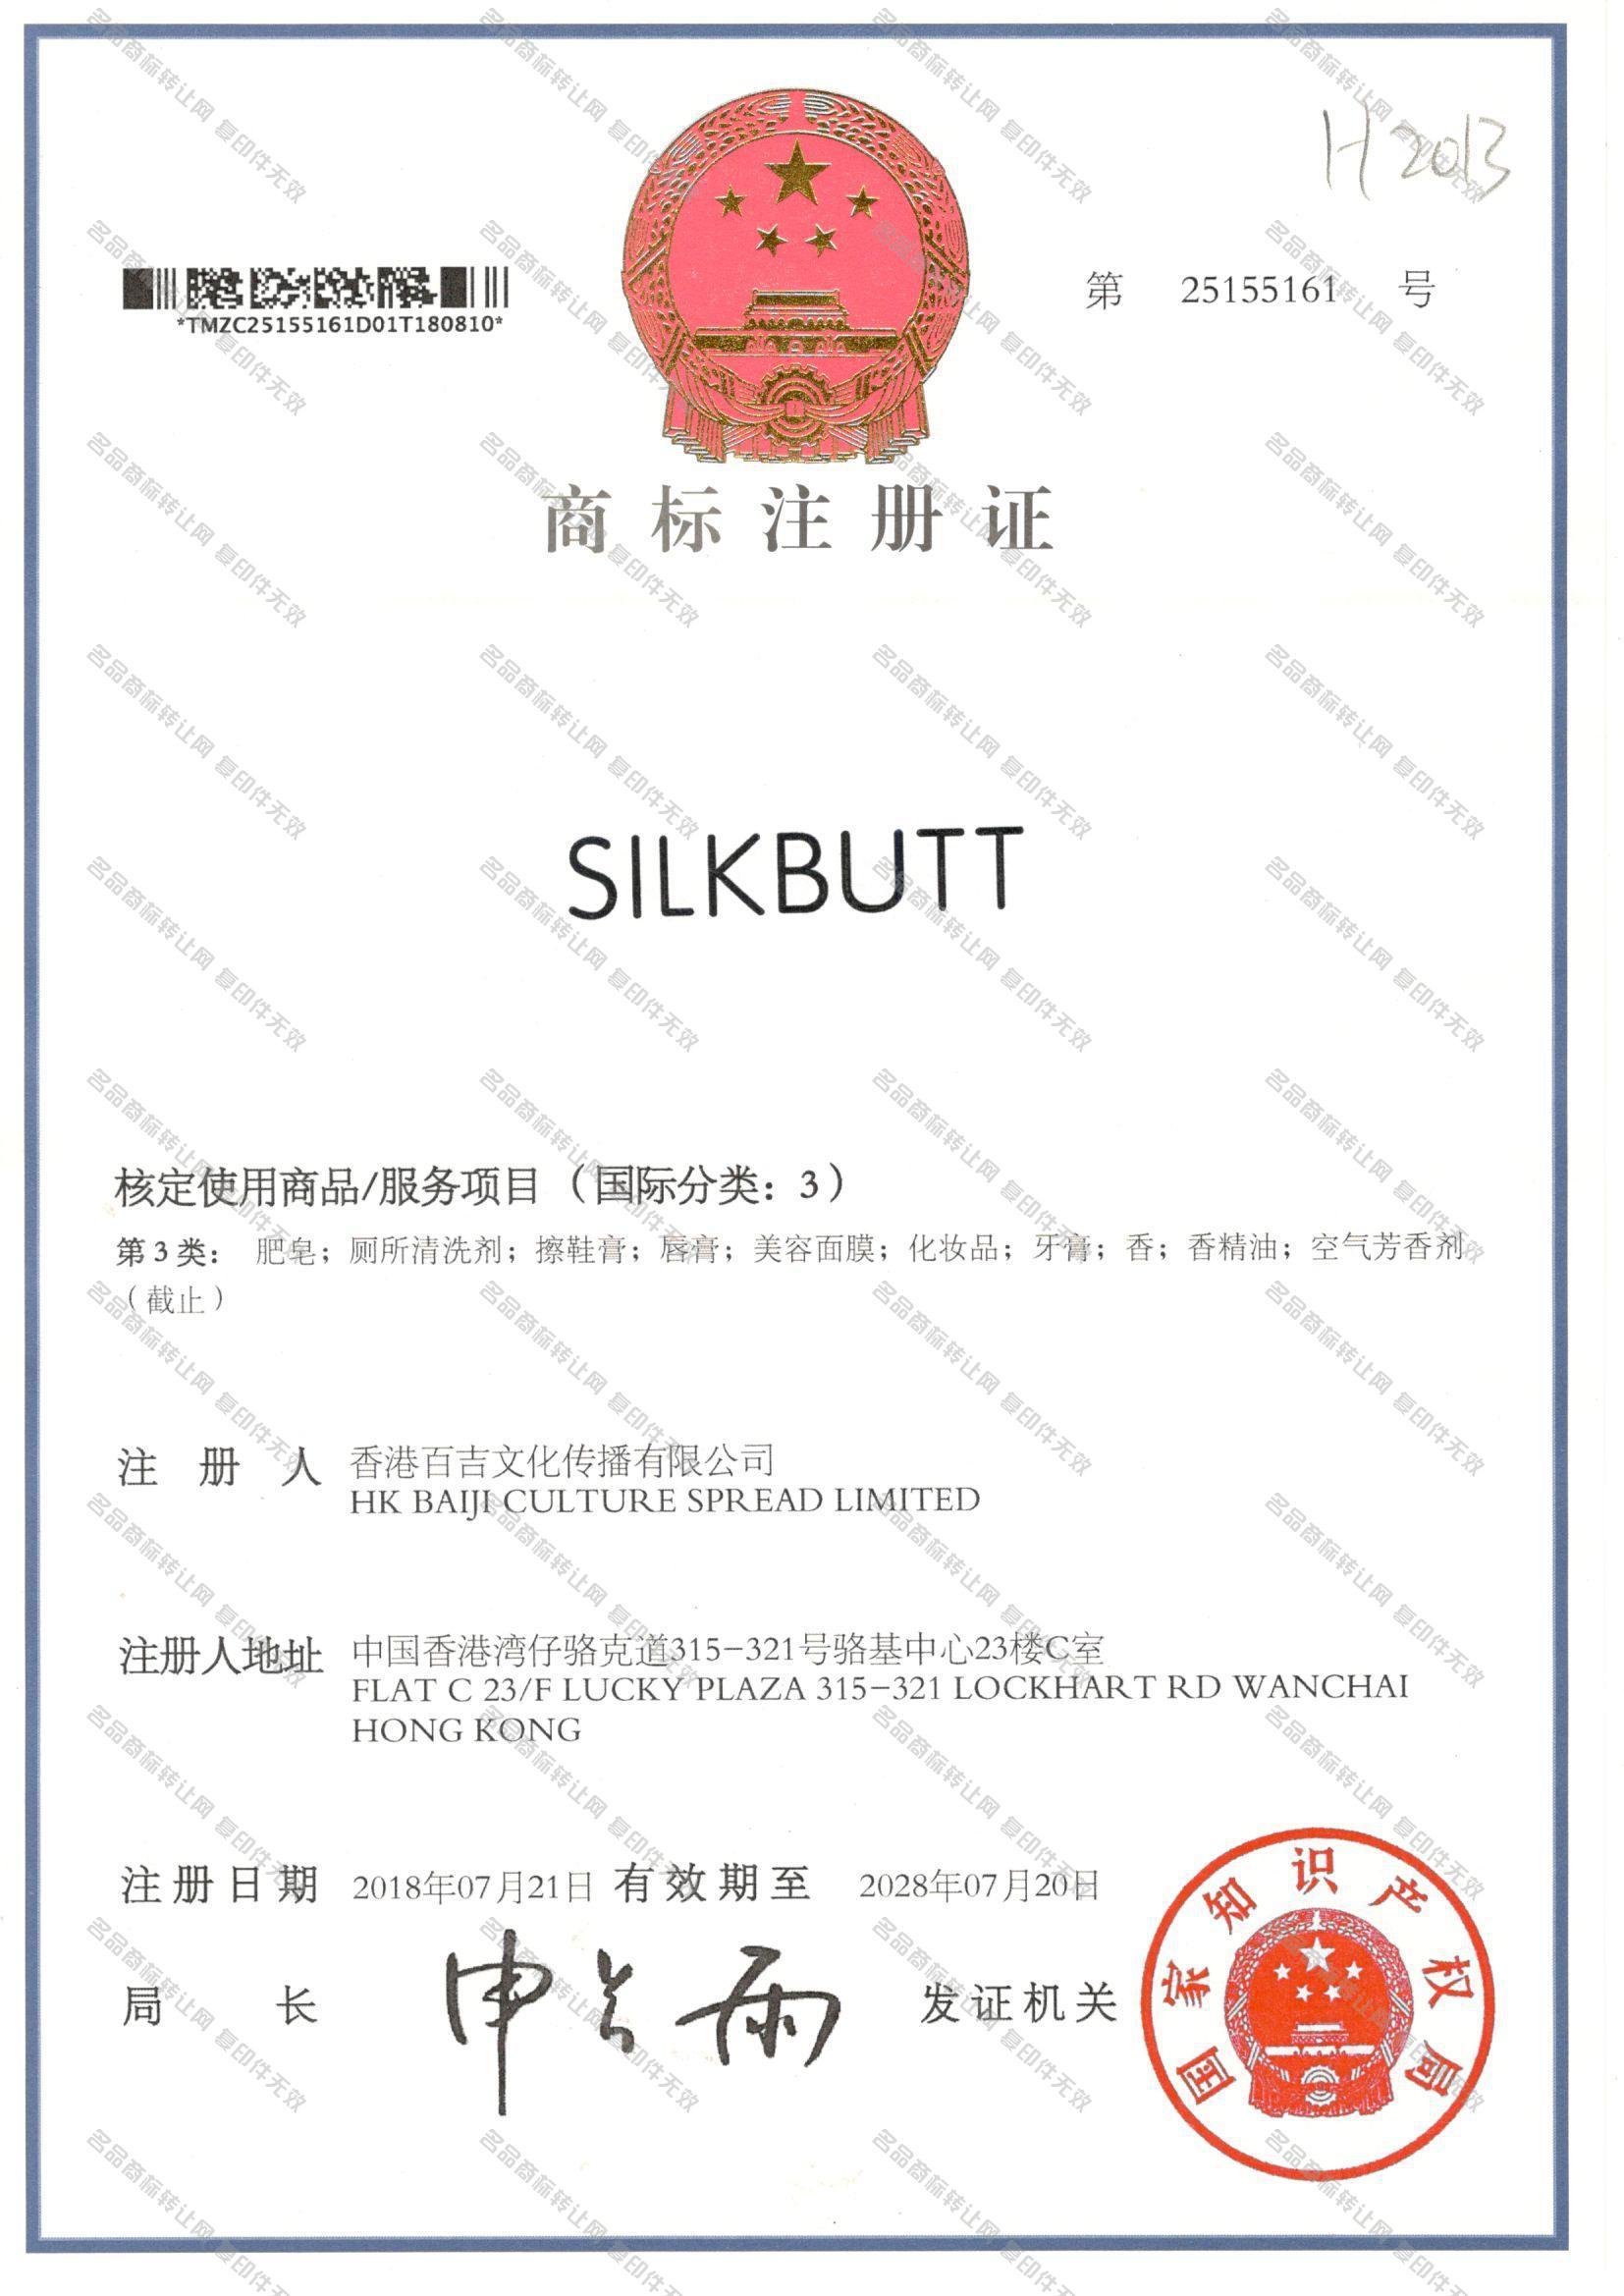 SILKBUTT注冊證